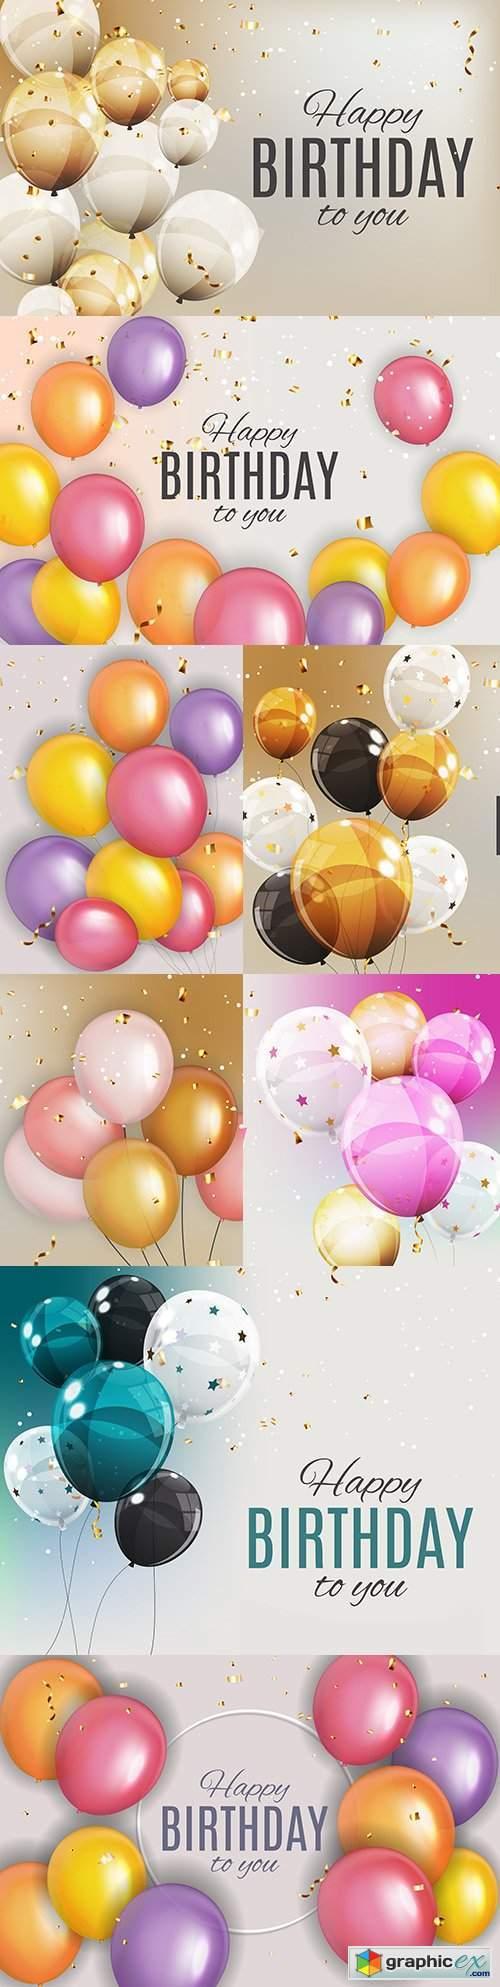 Happy birthday holiday invitation realistic balloons 12